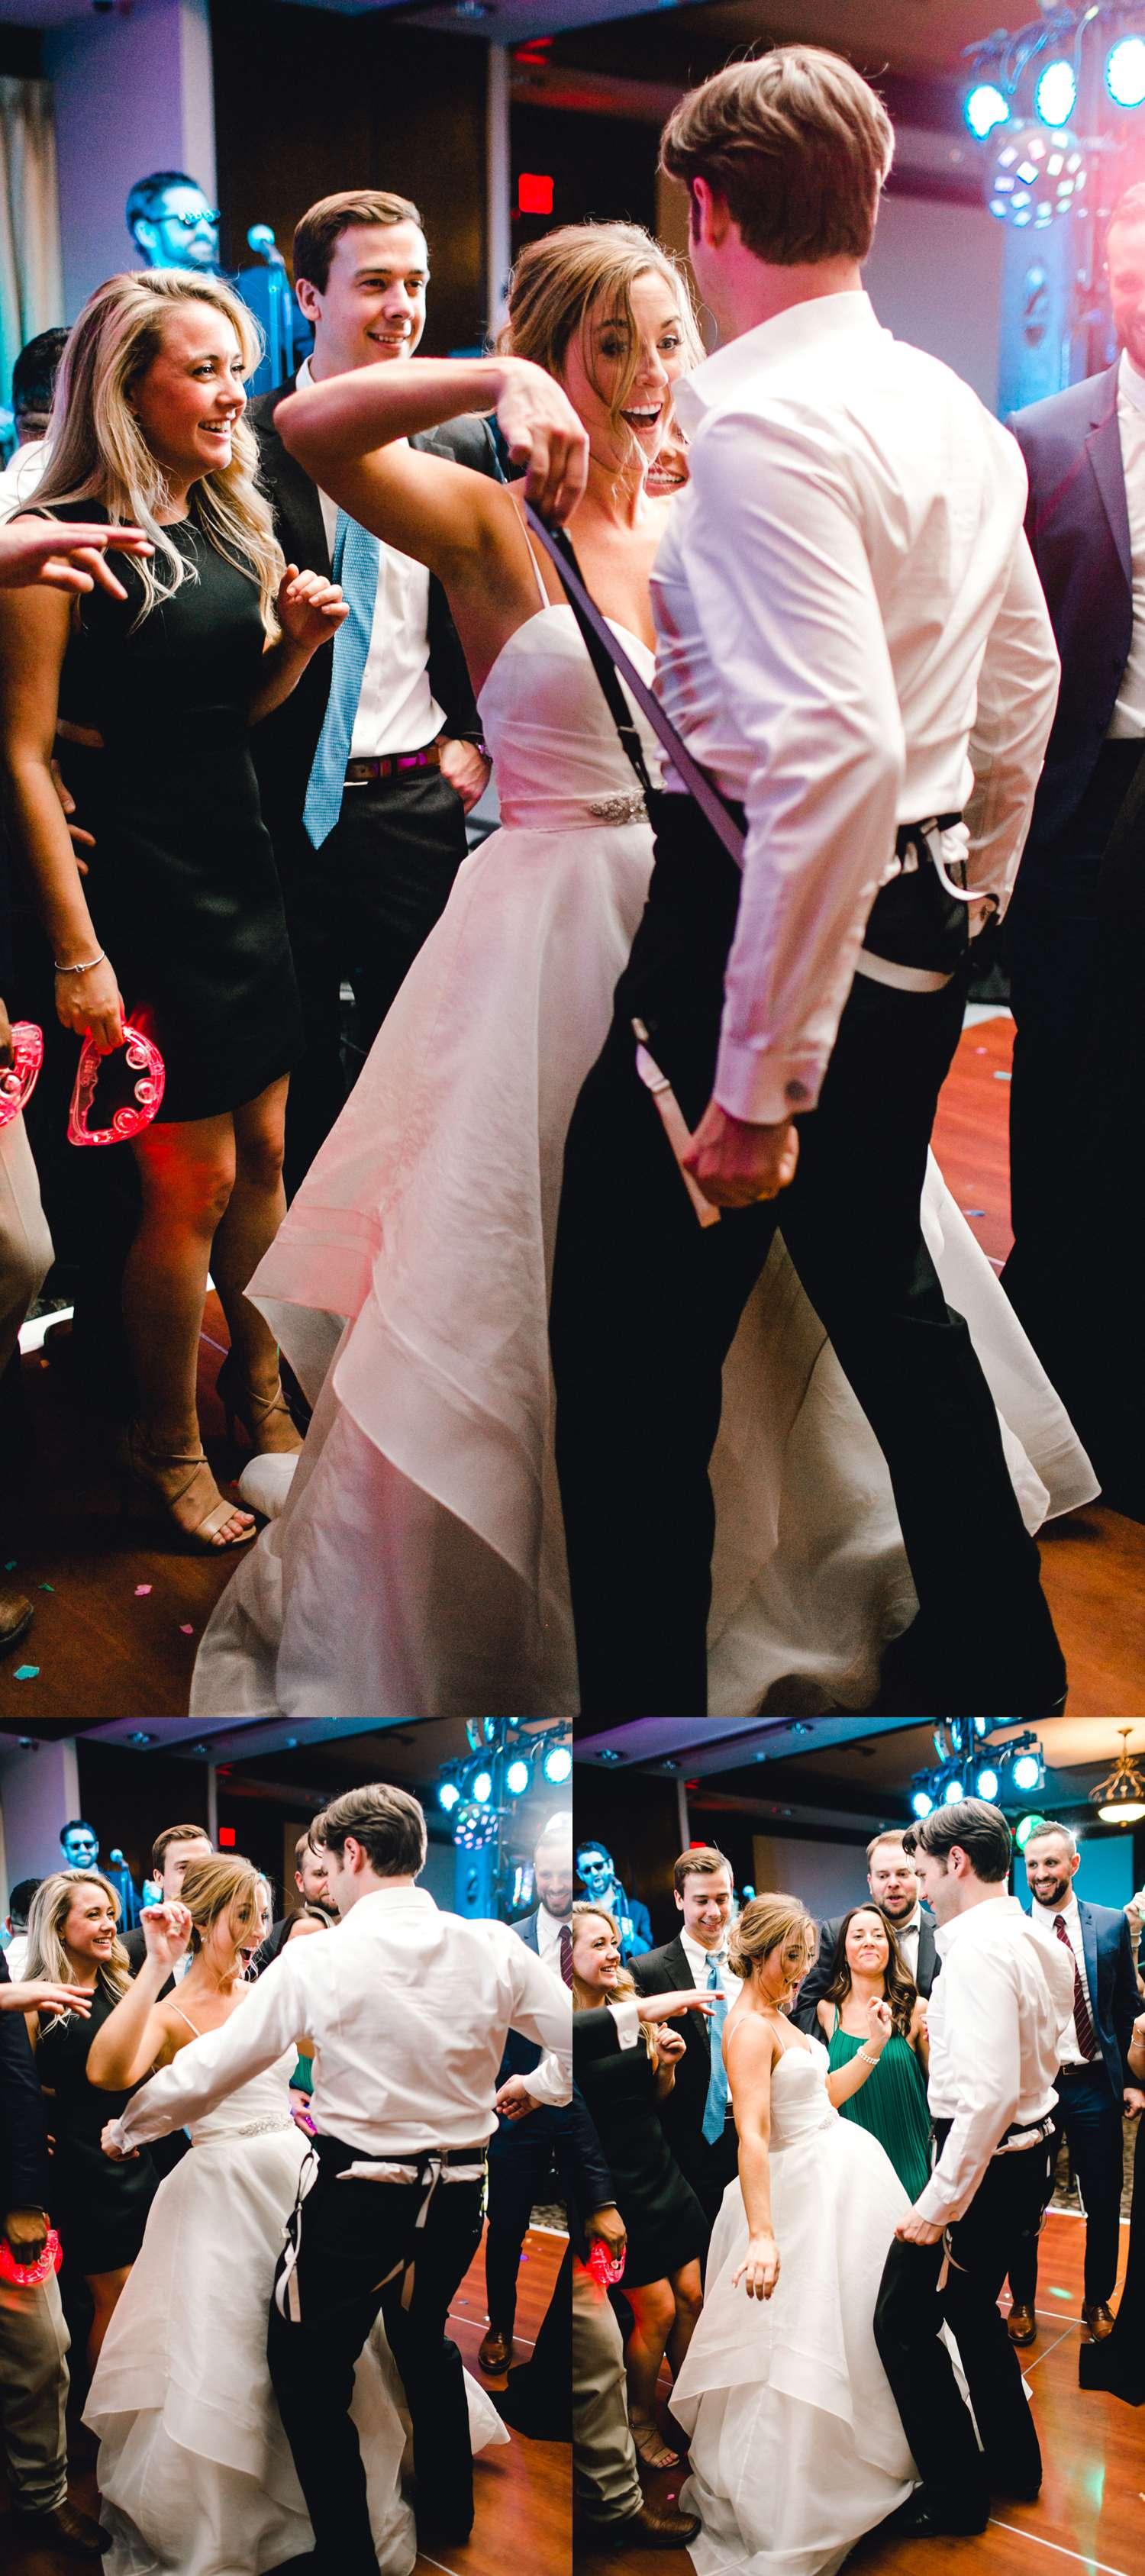 MARLEE+LLOYD+MORGAN+ALLEEJ+TEXAS+TECH+MERKET+ALUMNI+WEDDINGS+LUBBOCK+WEST+TABLE+CLASSIC+SPAIN_0285.jpg